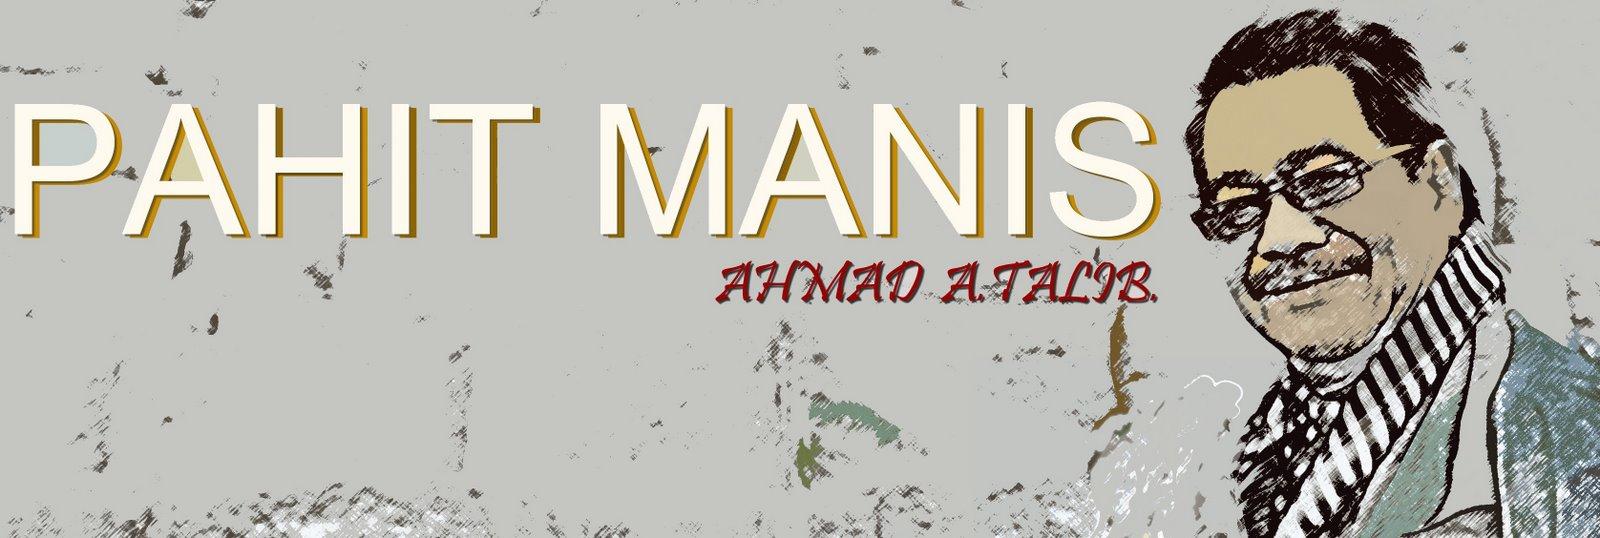 Pahit Manis